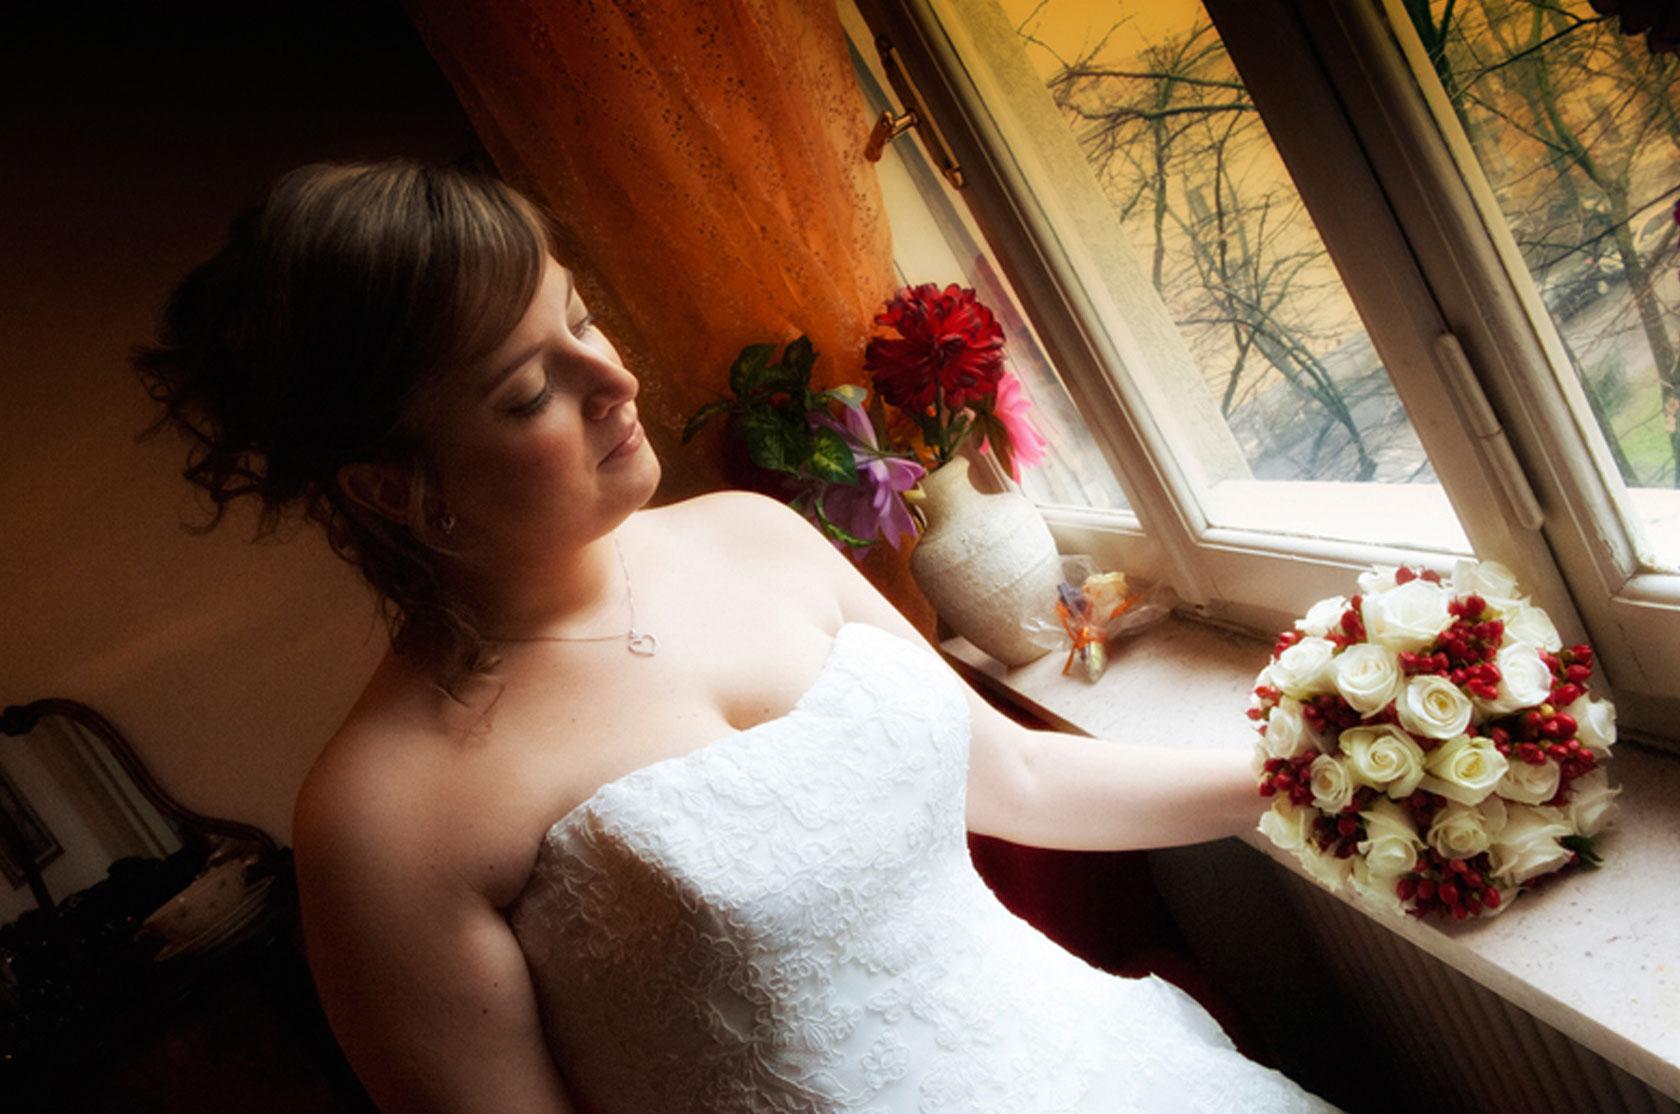 roberto-treccani-sposa-alla-finestra